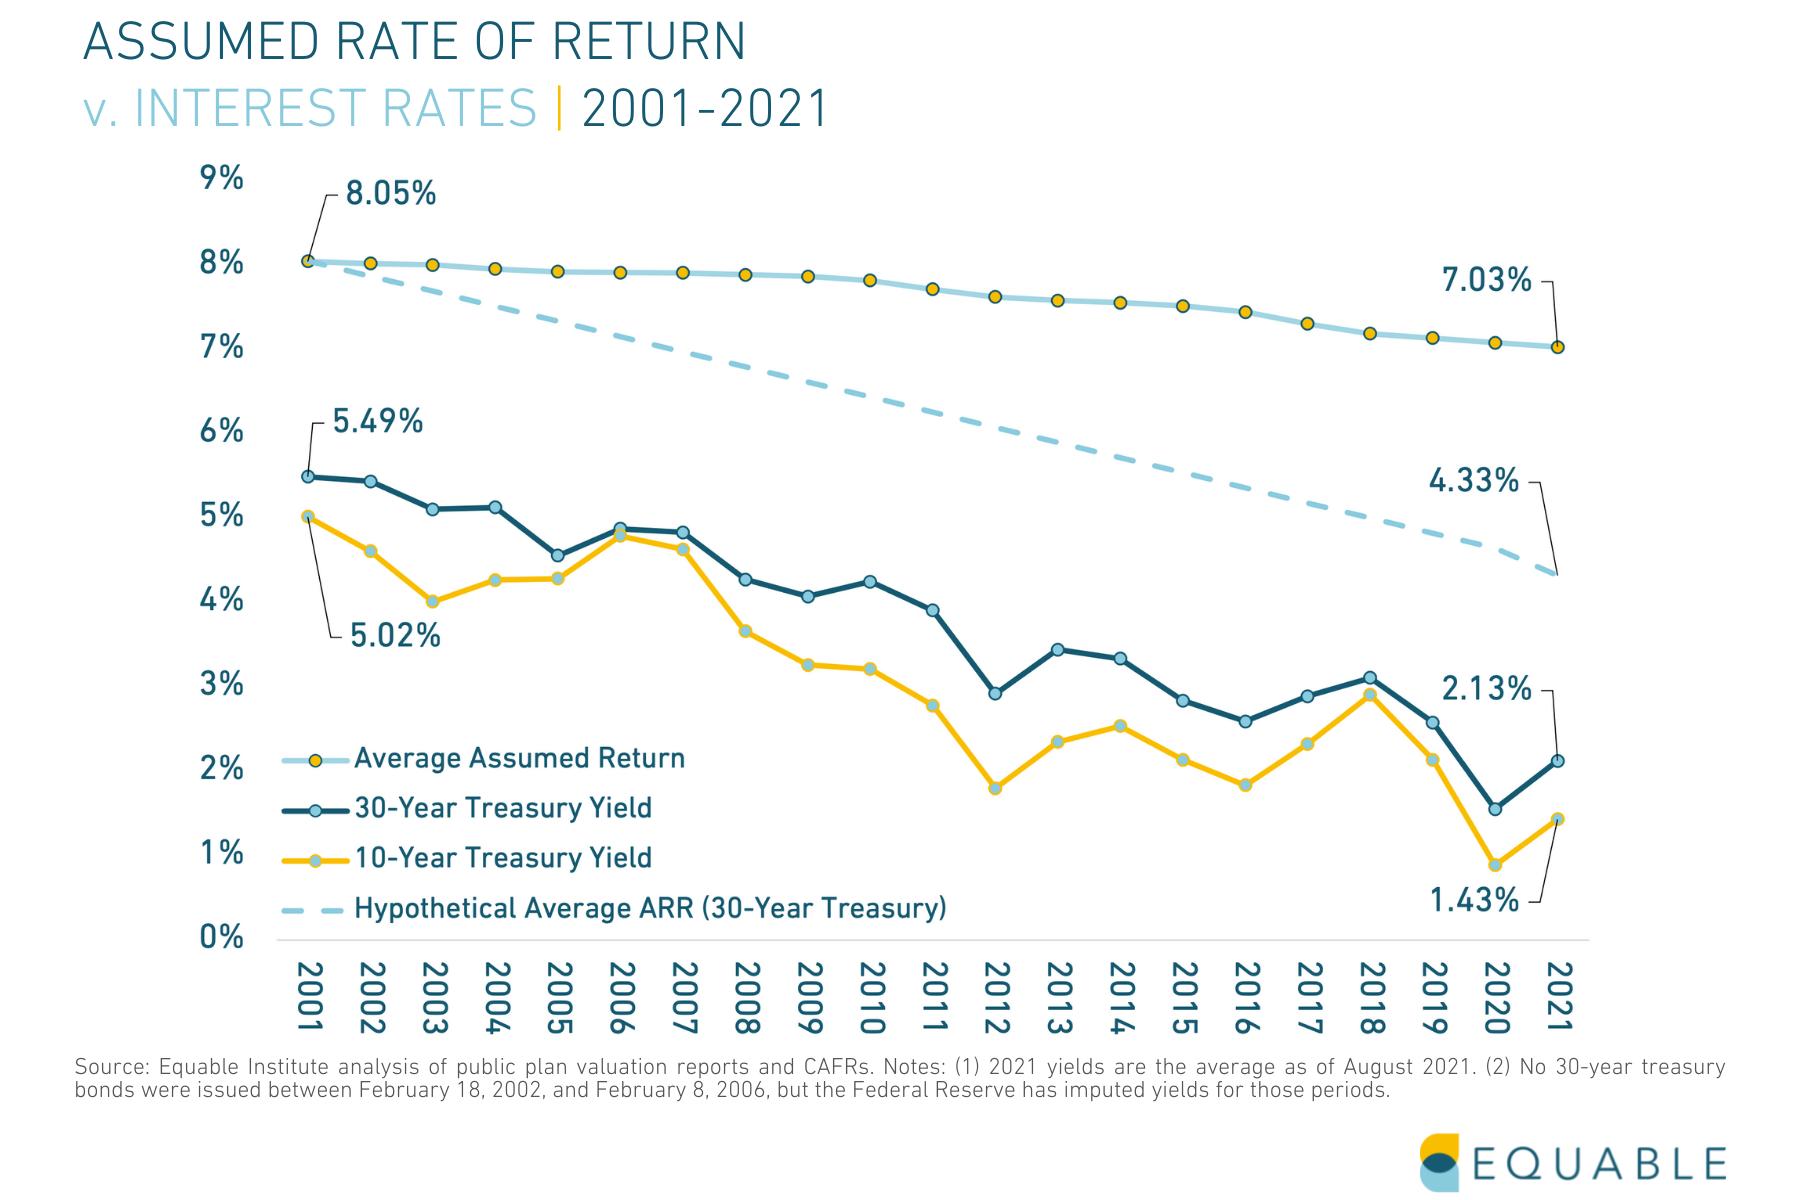 Assumed Rate of Return v. Interest Rates for U.S. Statewide Pension Plans, 2001 - 2021